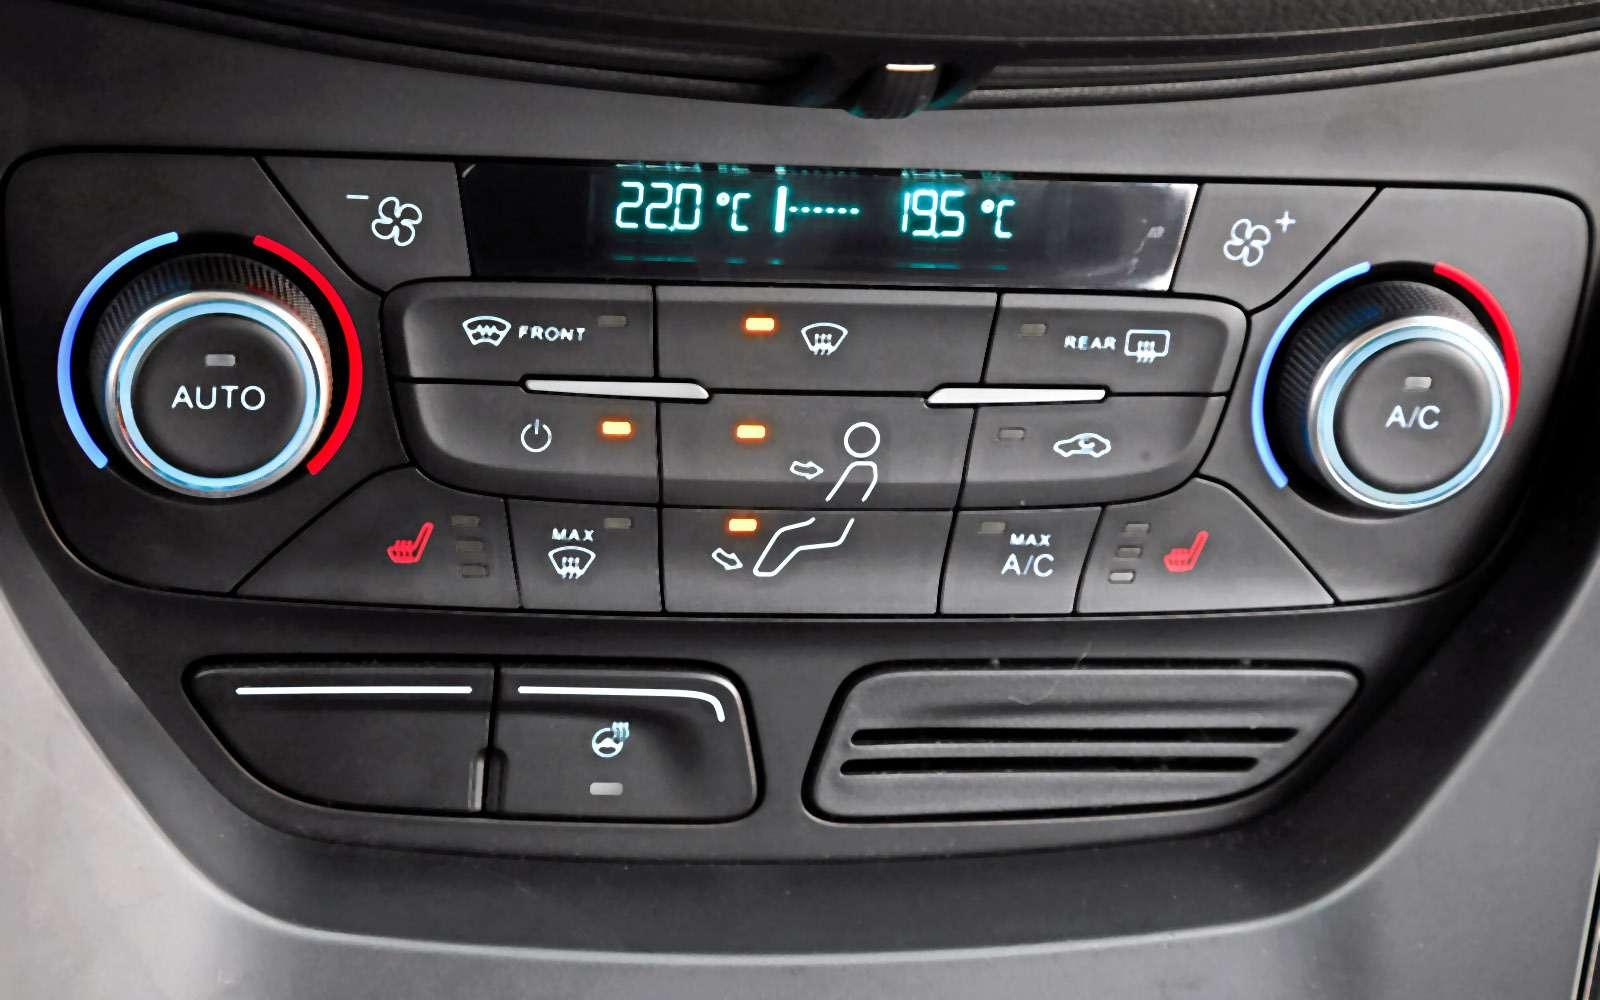 Обновленный Ford Kuga российской сборки: мыпоездили нанем первыми!— фото 674479